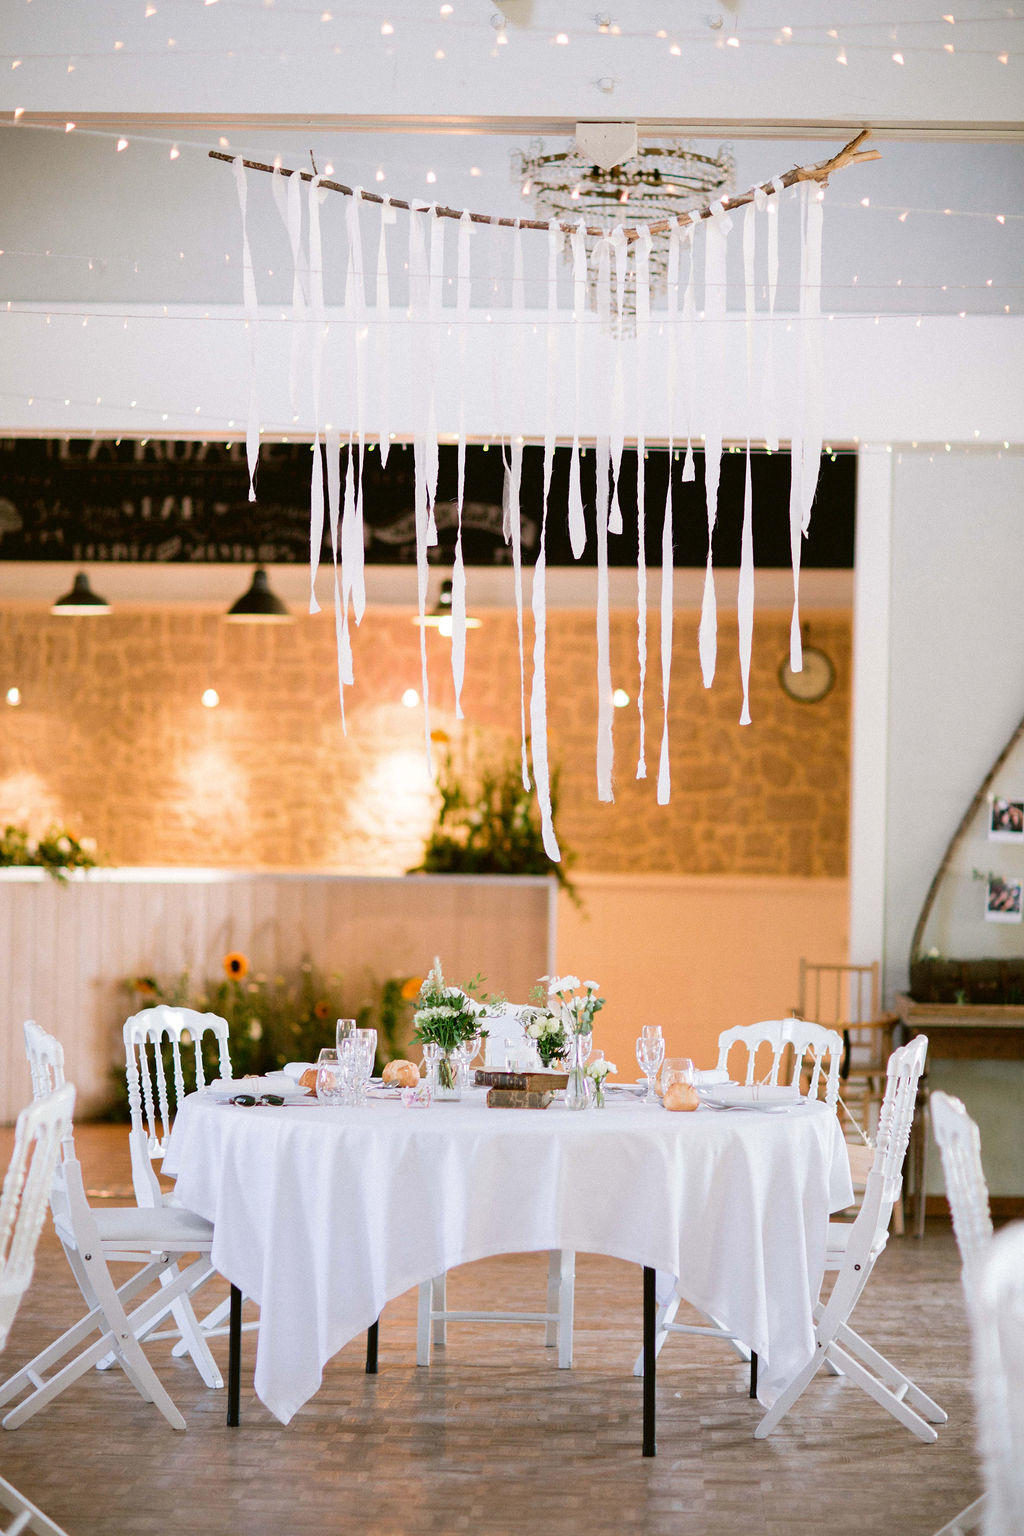 Les filles se sont mariée à la ruade pres de Ancenis voici leur joli table d'honneur.